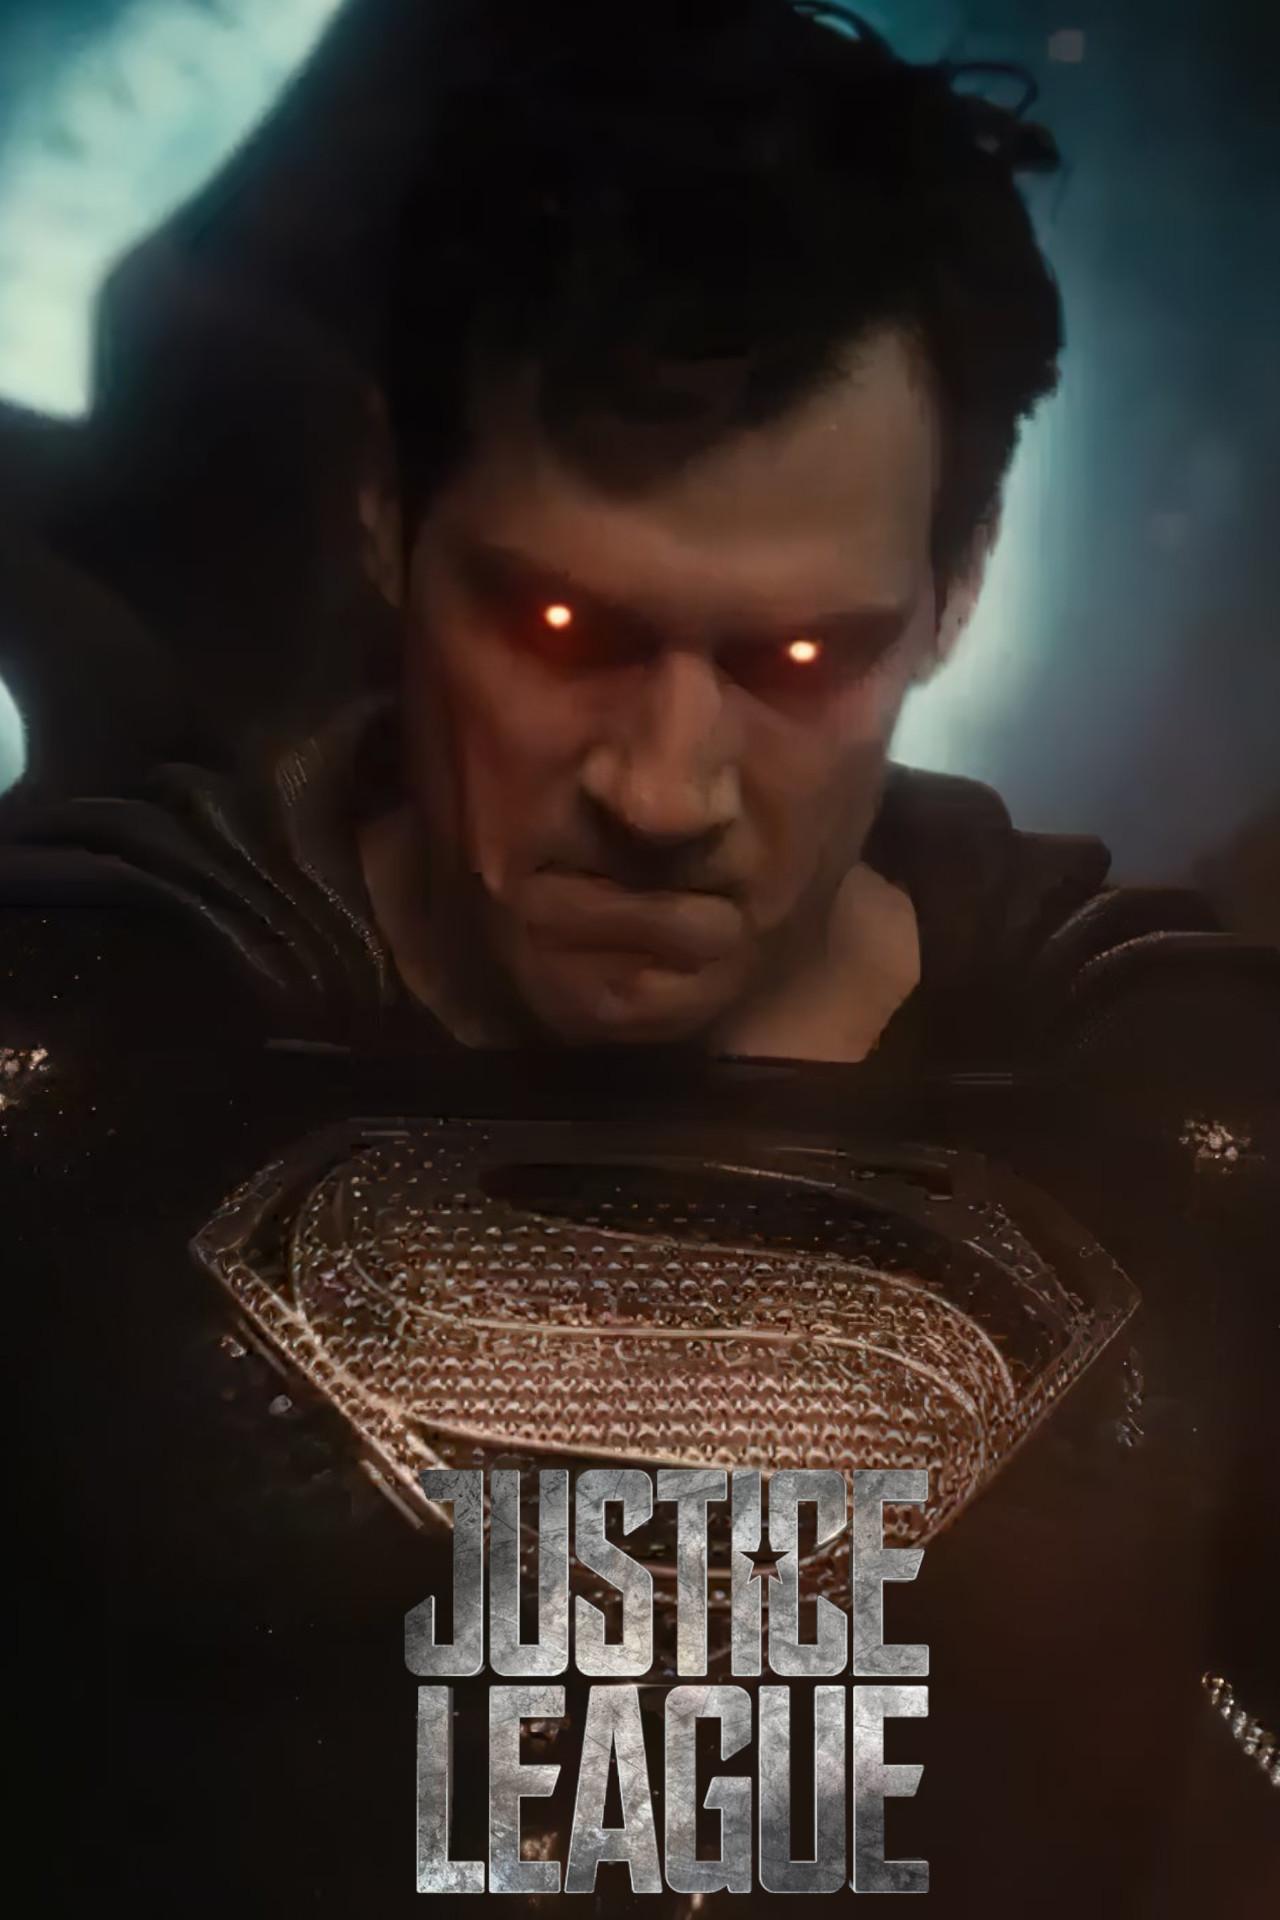 Um novo teaser do Snyder's Cut de Liga da Justiça foi divulgado e mostra o Lobo da estepe convocando as forças de Darkseid e o Superman de roupa preta.